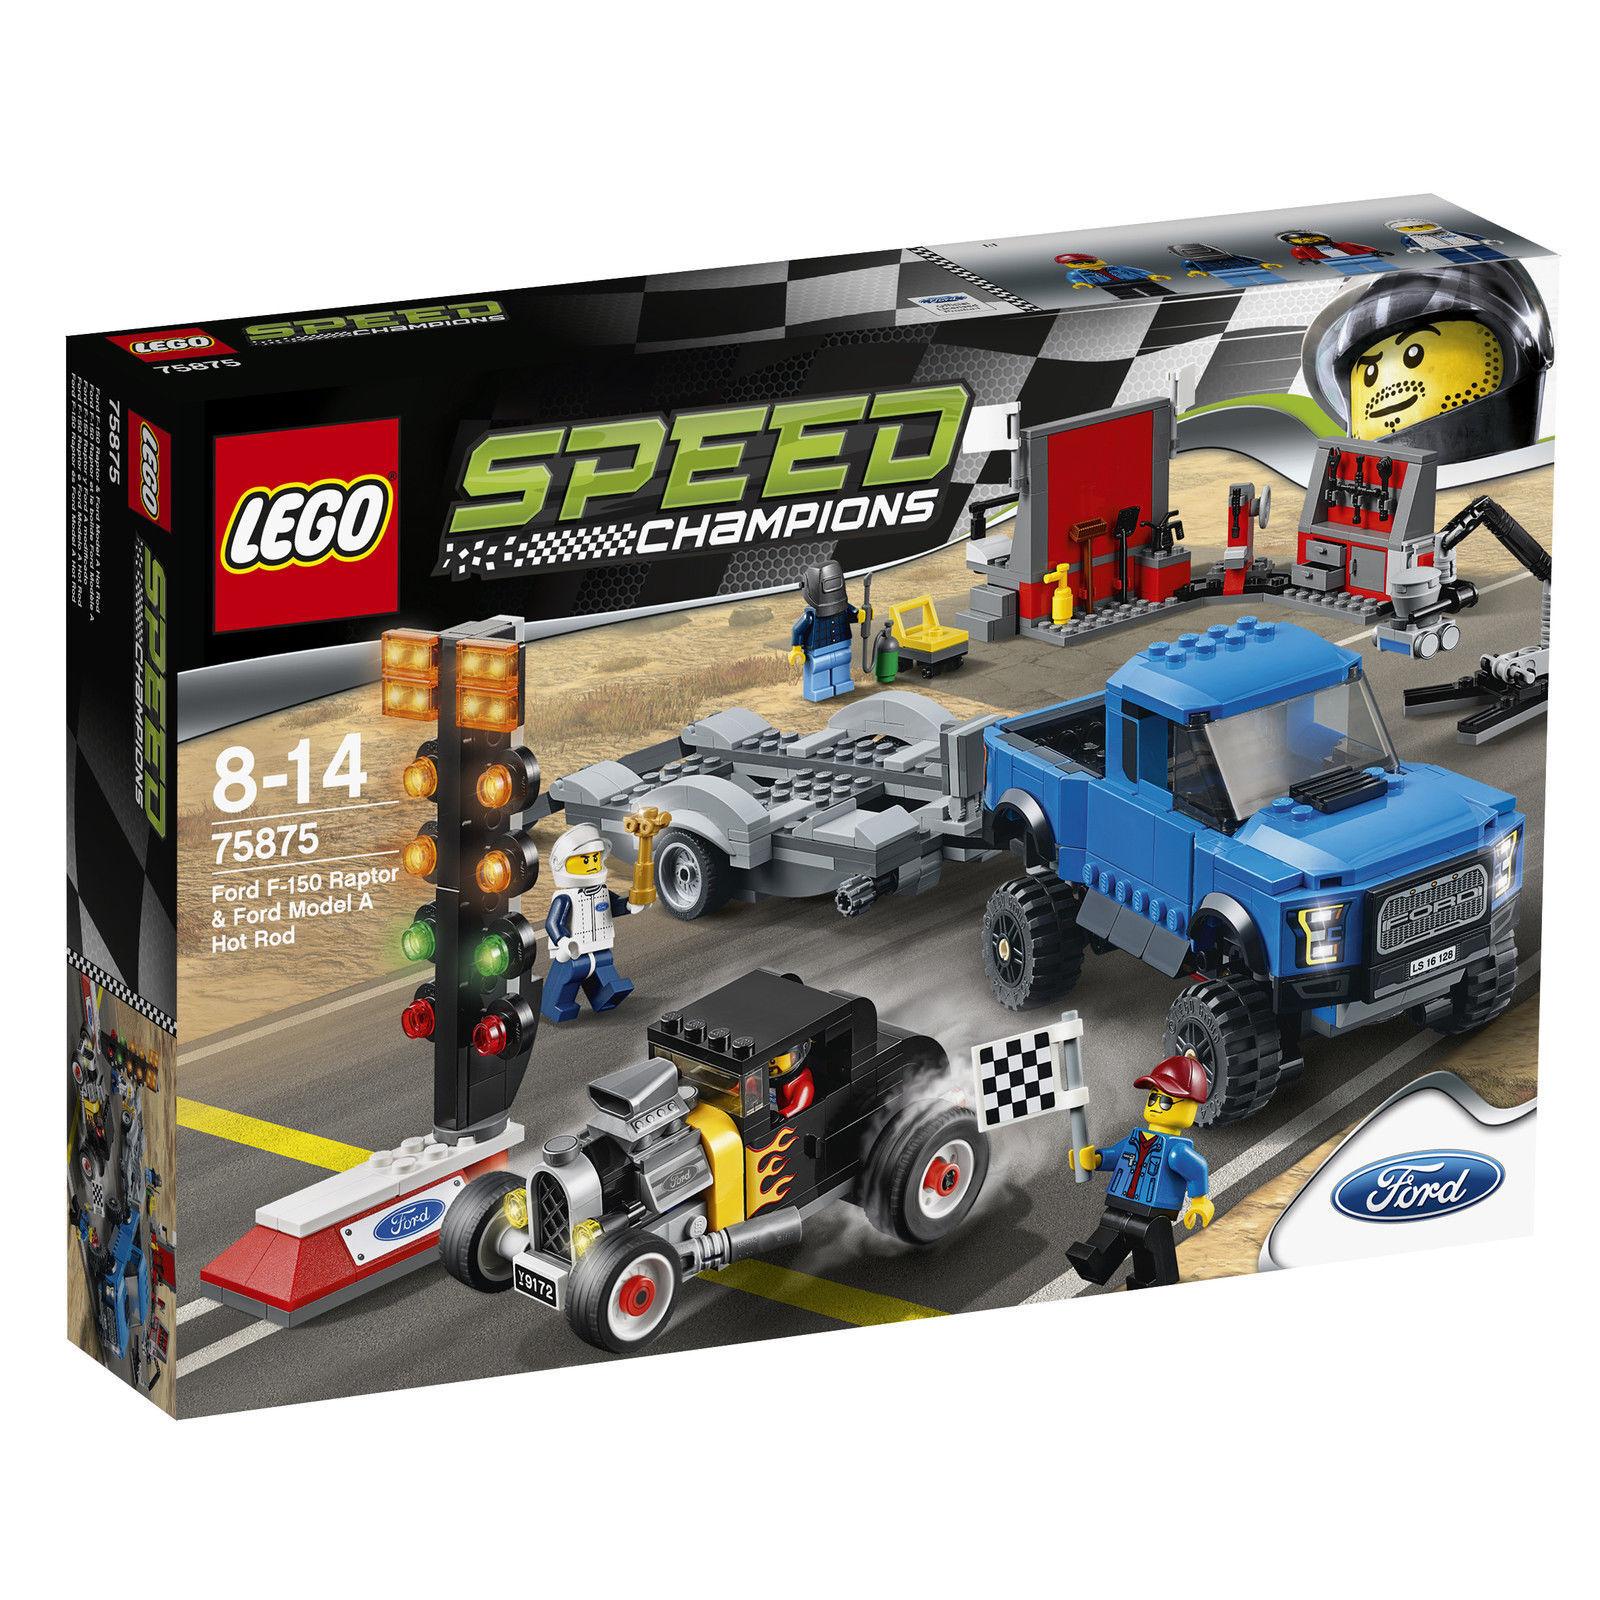 LEGO Speed Champions Ford F-150 Raptor & Ford Model A Hot Rod (75875) RAR